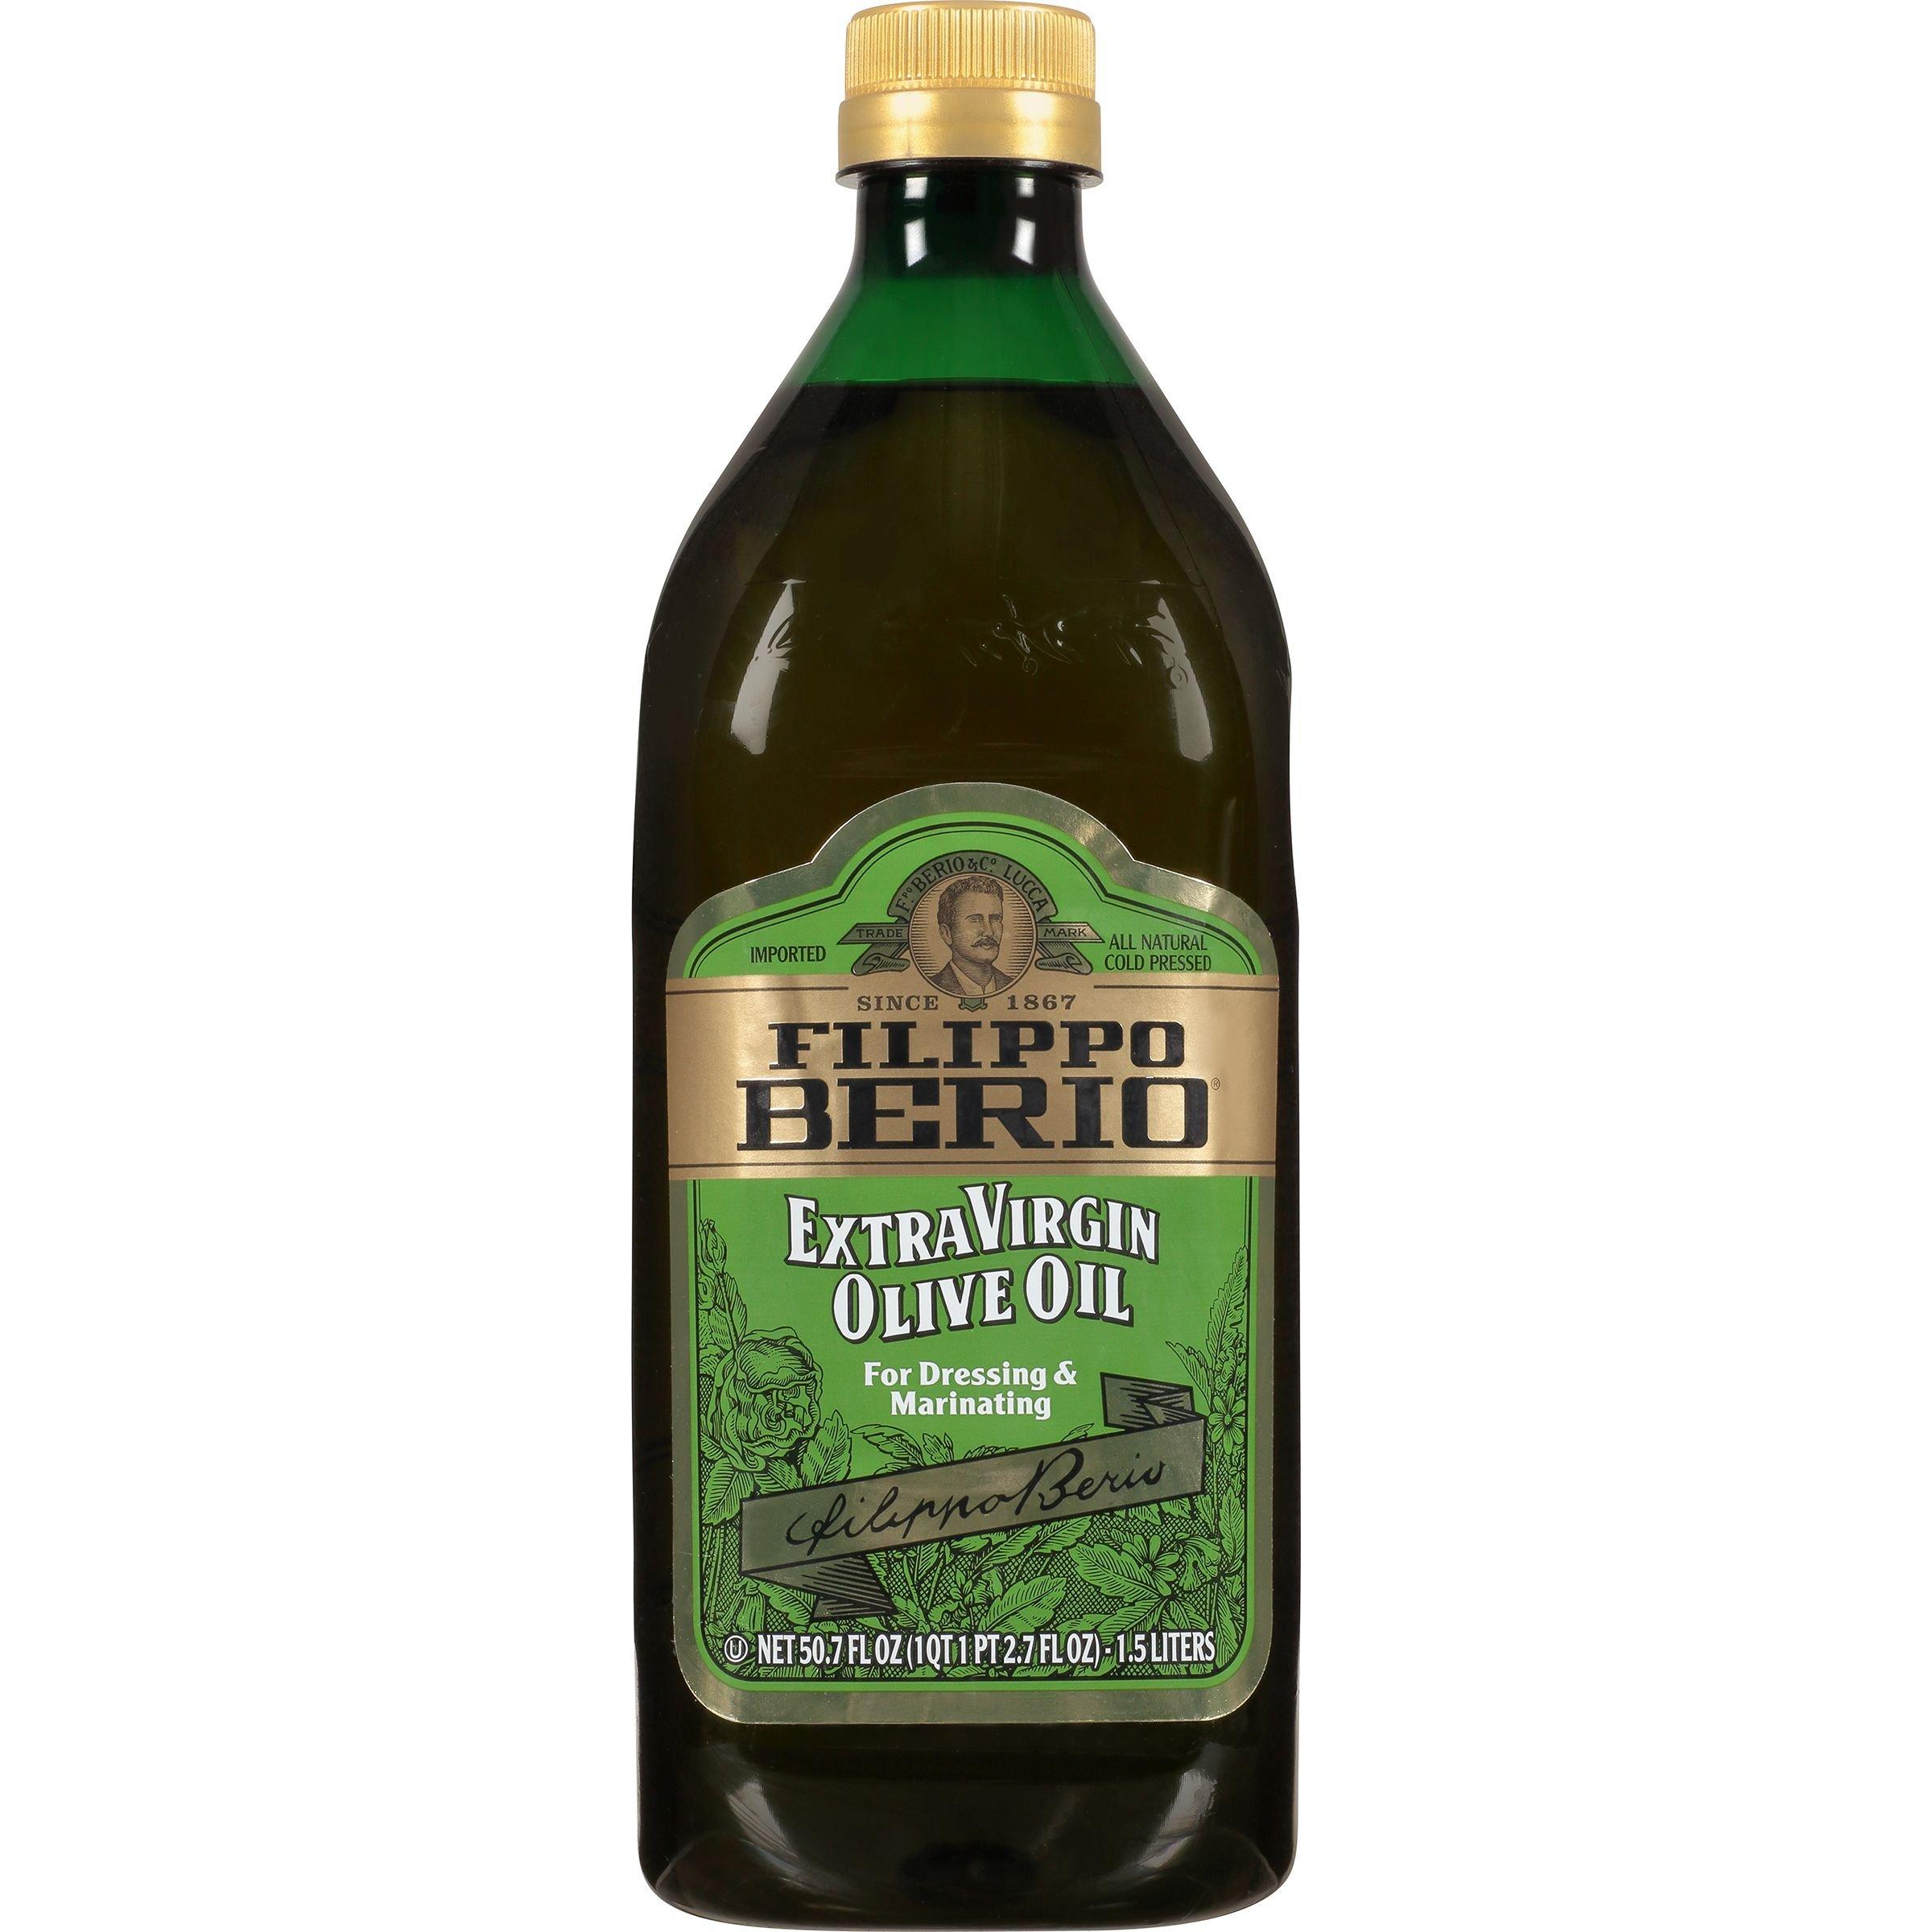 Filippo Berio Extra Virgin Olive Oil, 50.7 Ounce by Filippo Berio